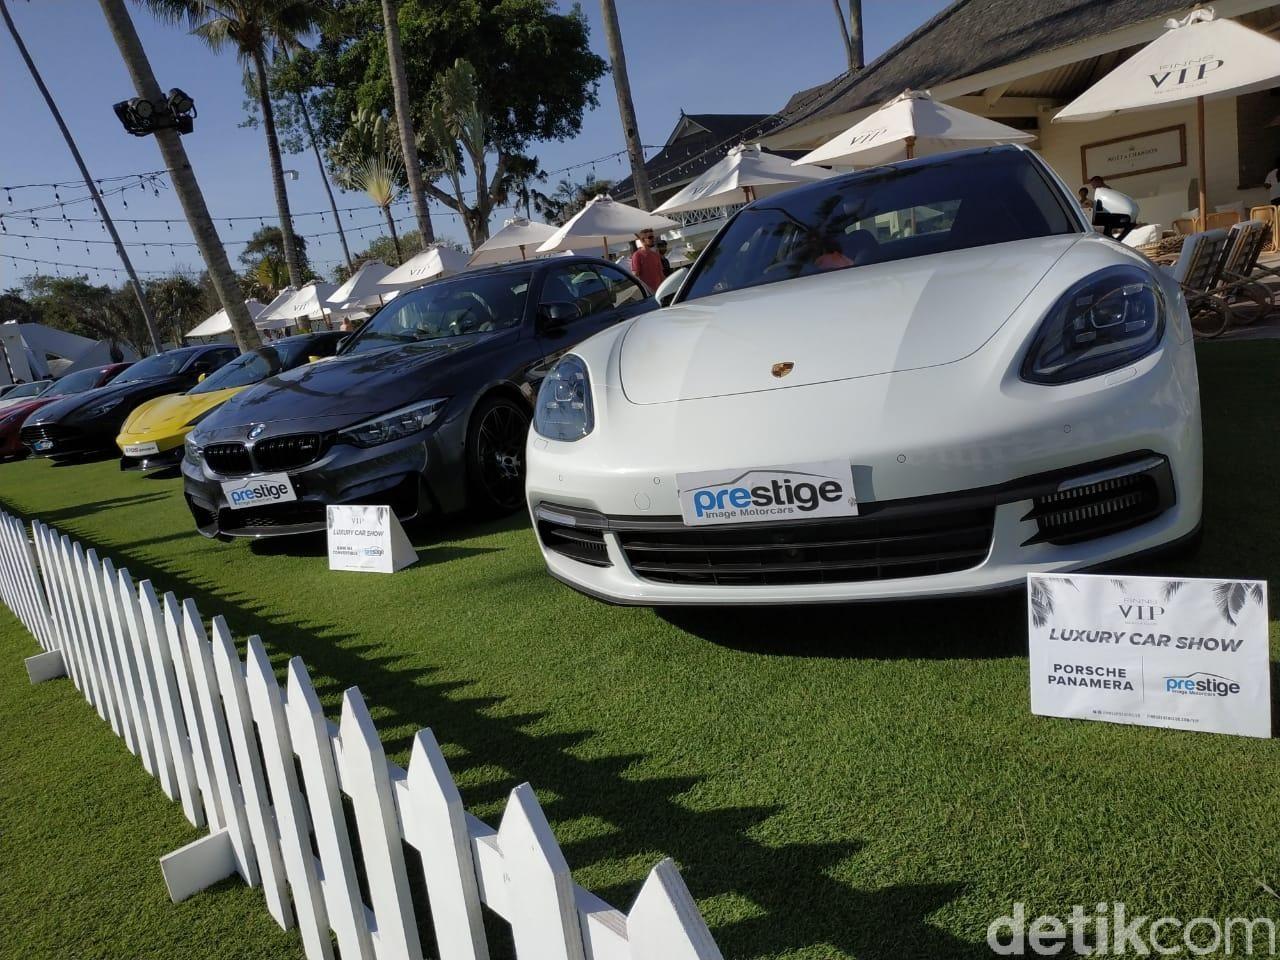 Ilustrasi saat Prestige Pamer Mobil Mewah di Bali